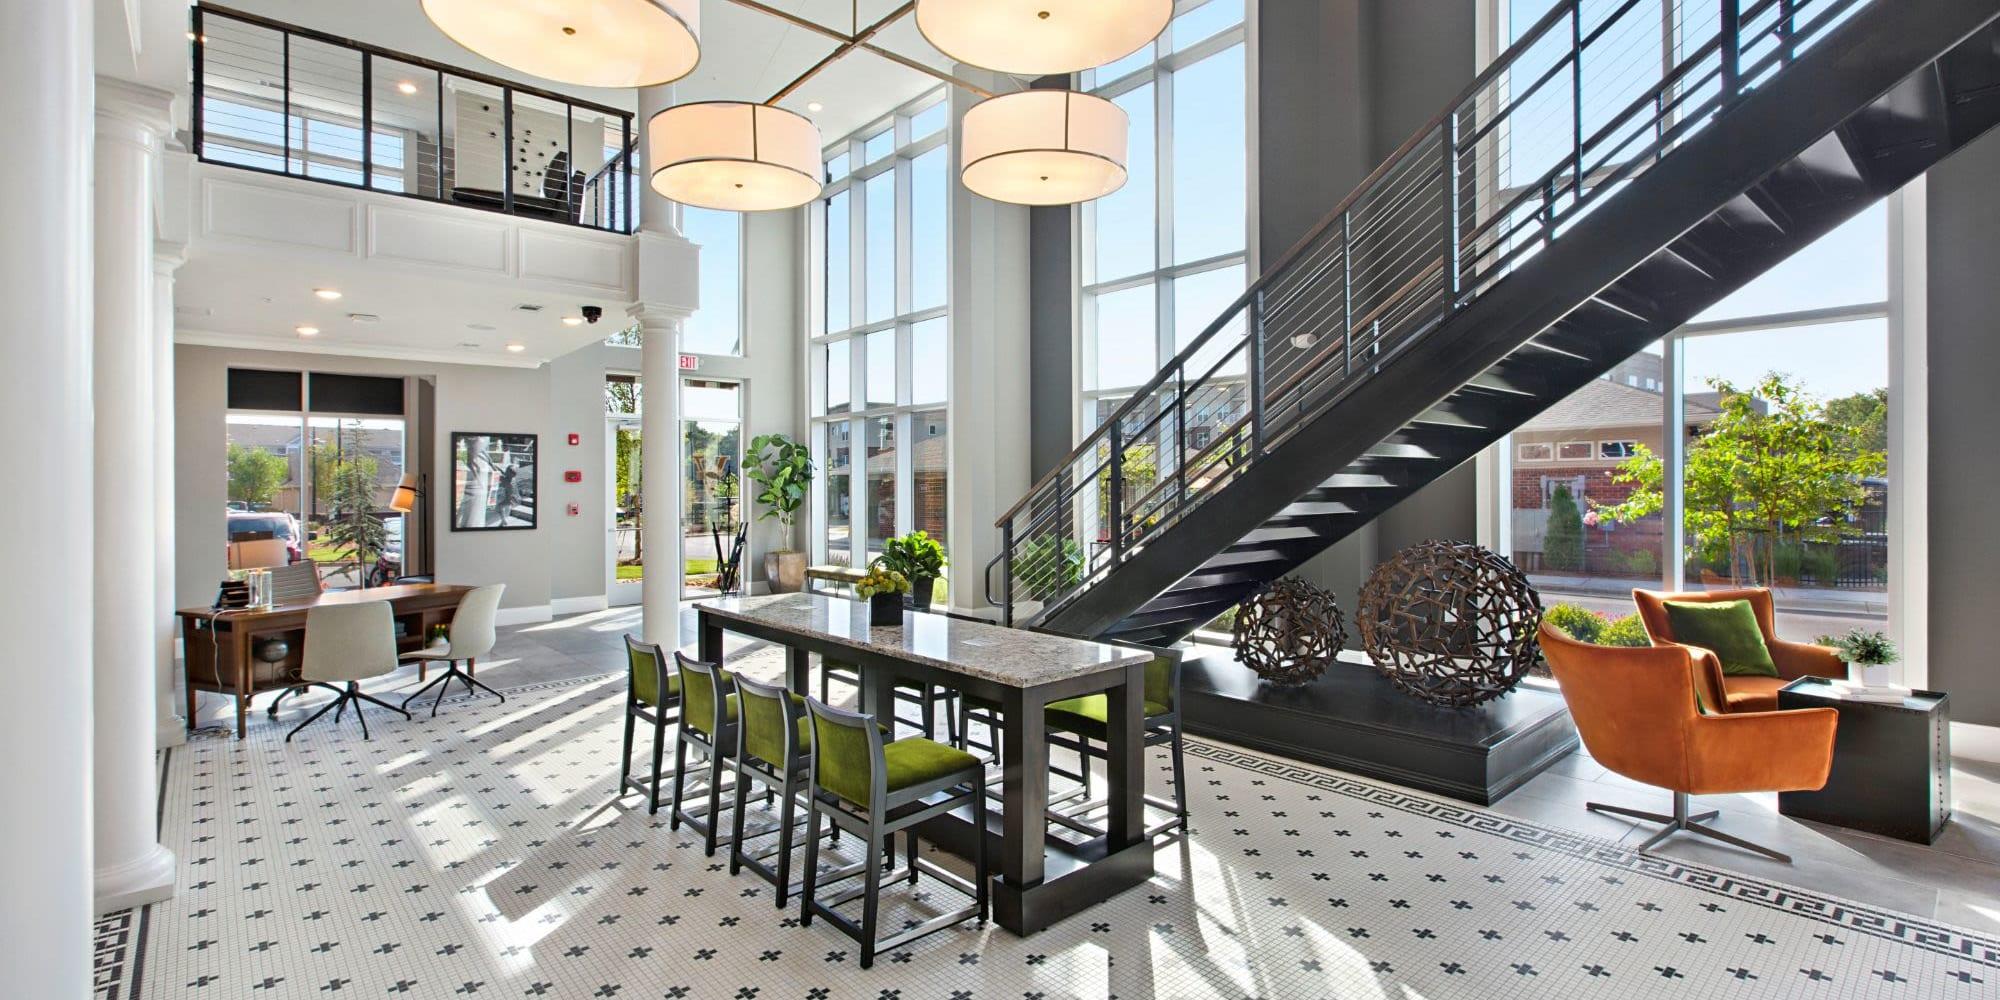 Apartments at 8 Metro Station in Charlotte, North Carolina